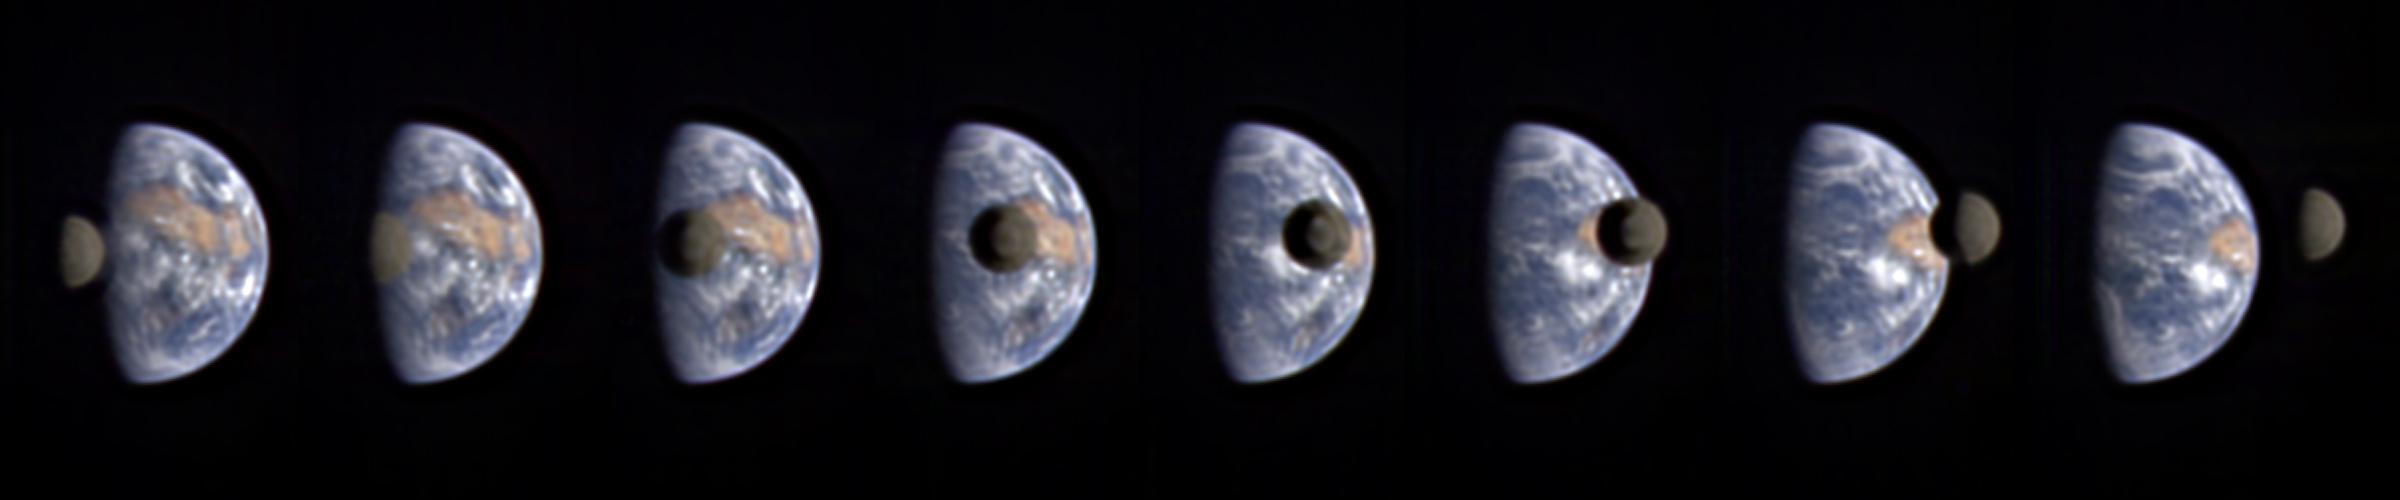 Земля и Луна из космоса